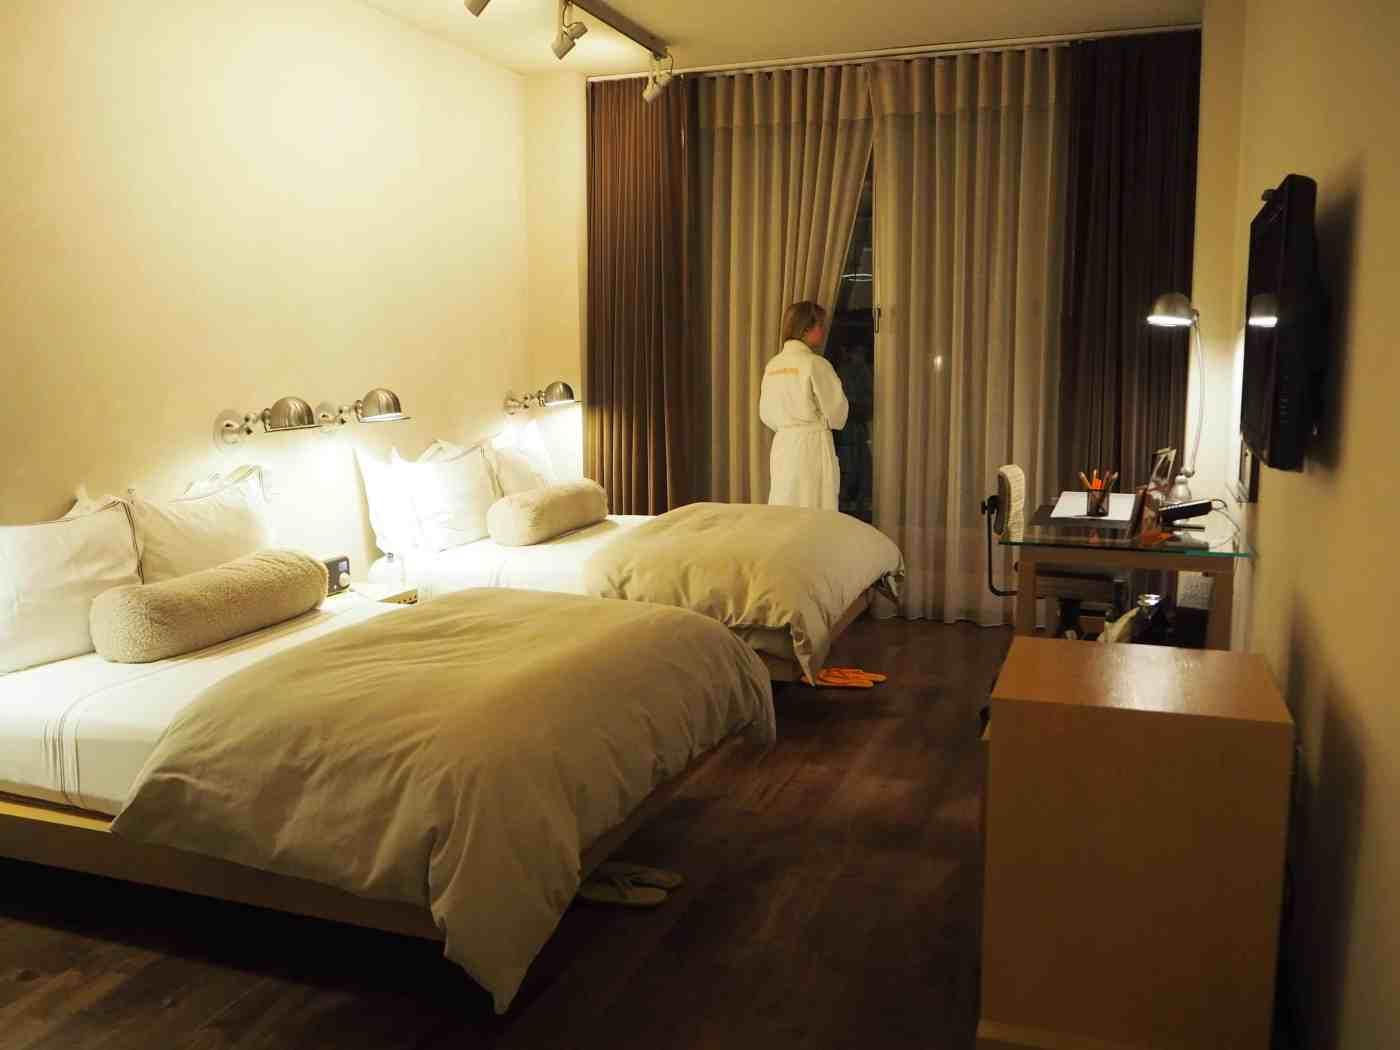 Chambers Hotel New York